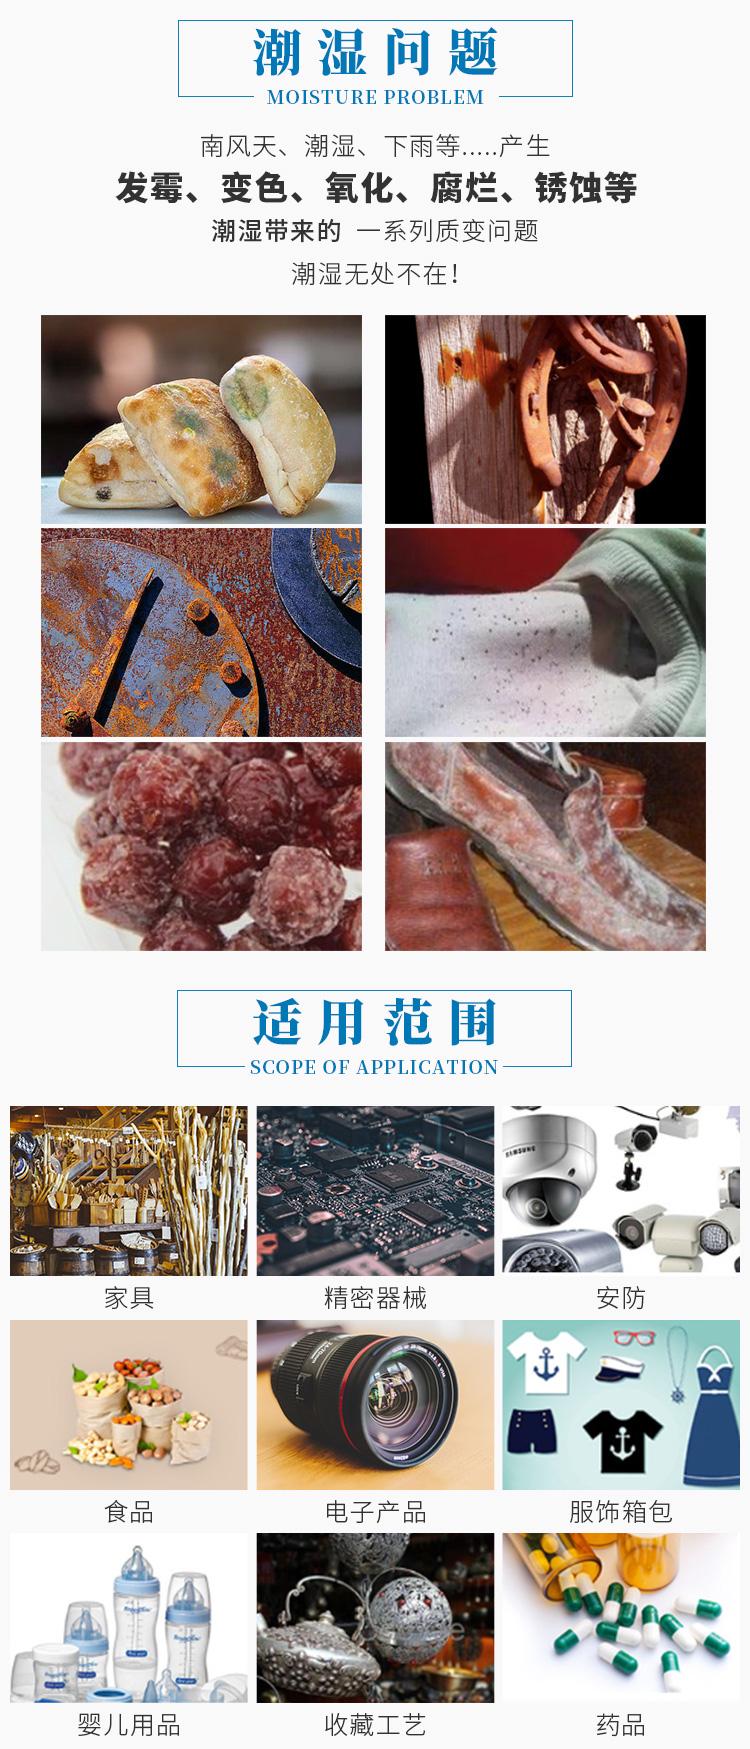 2克硅胶干燥剂无纺布英文版_05